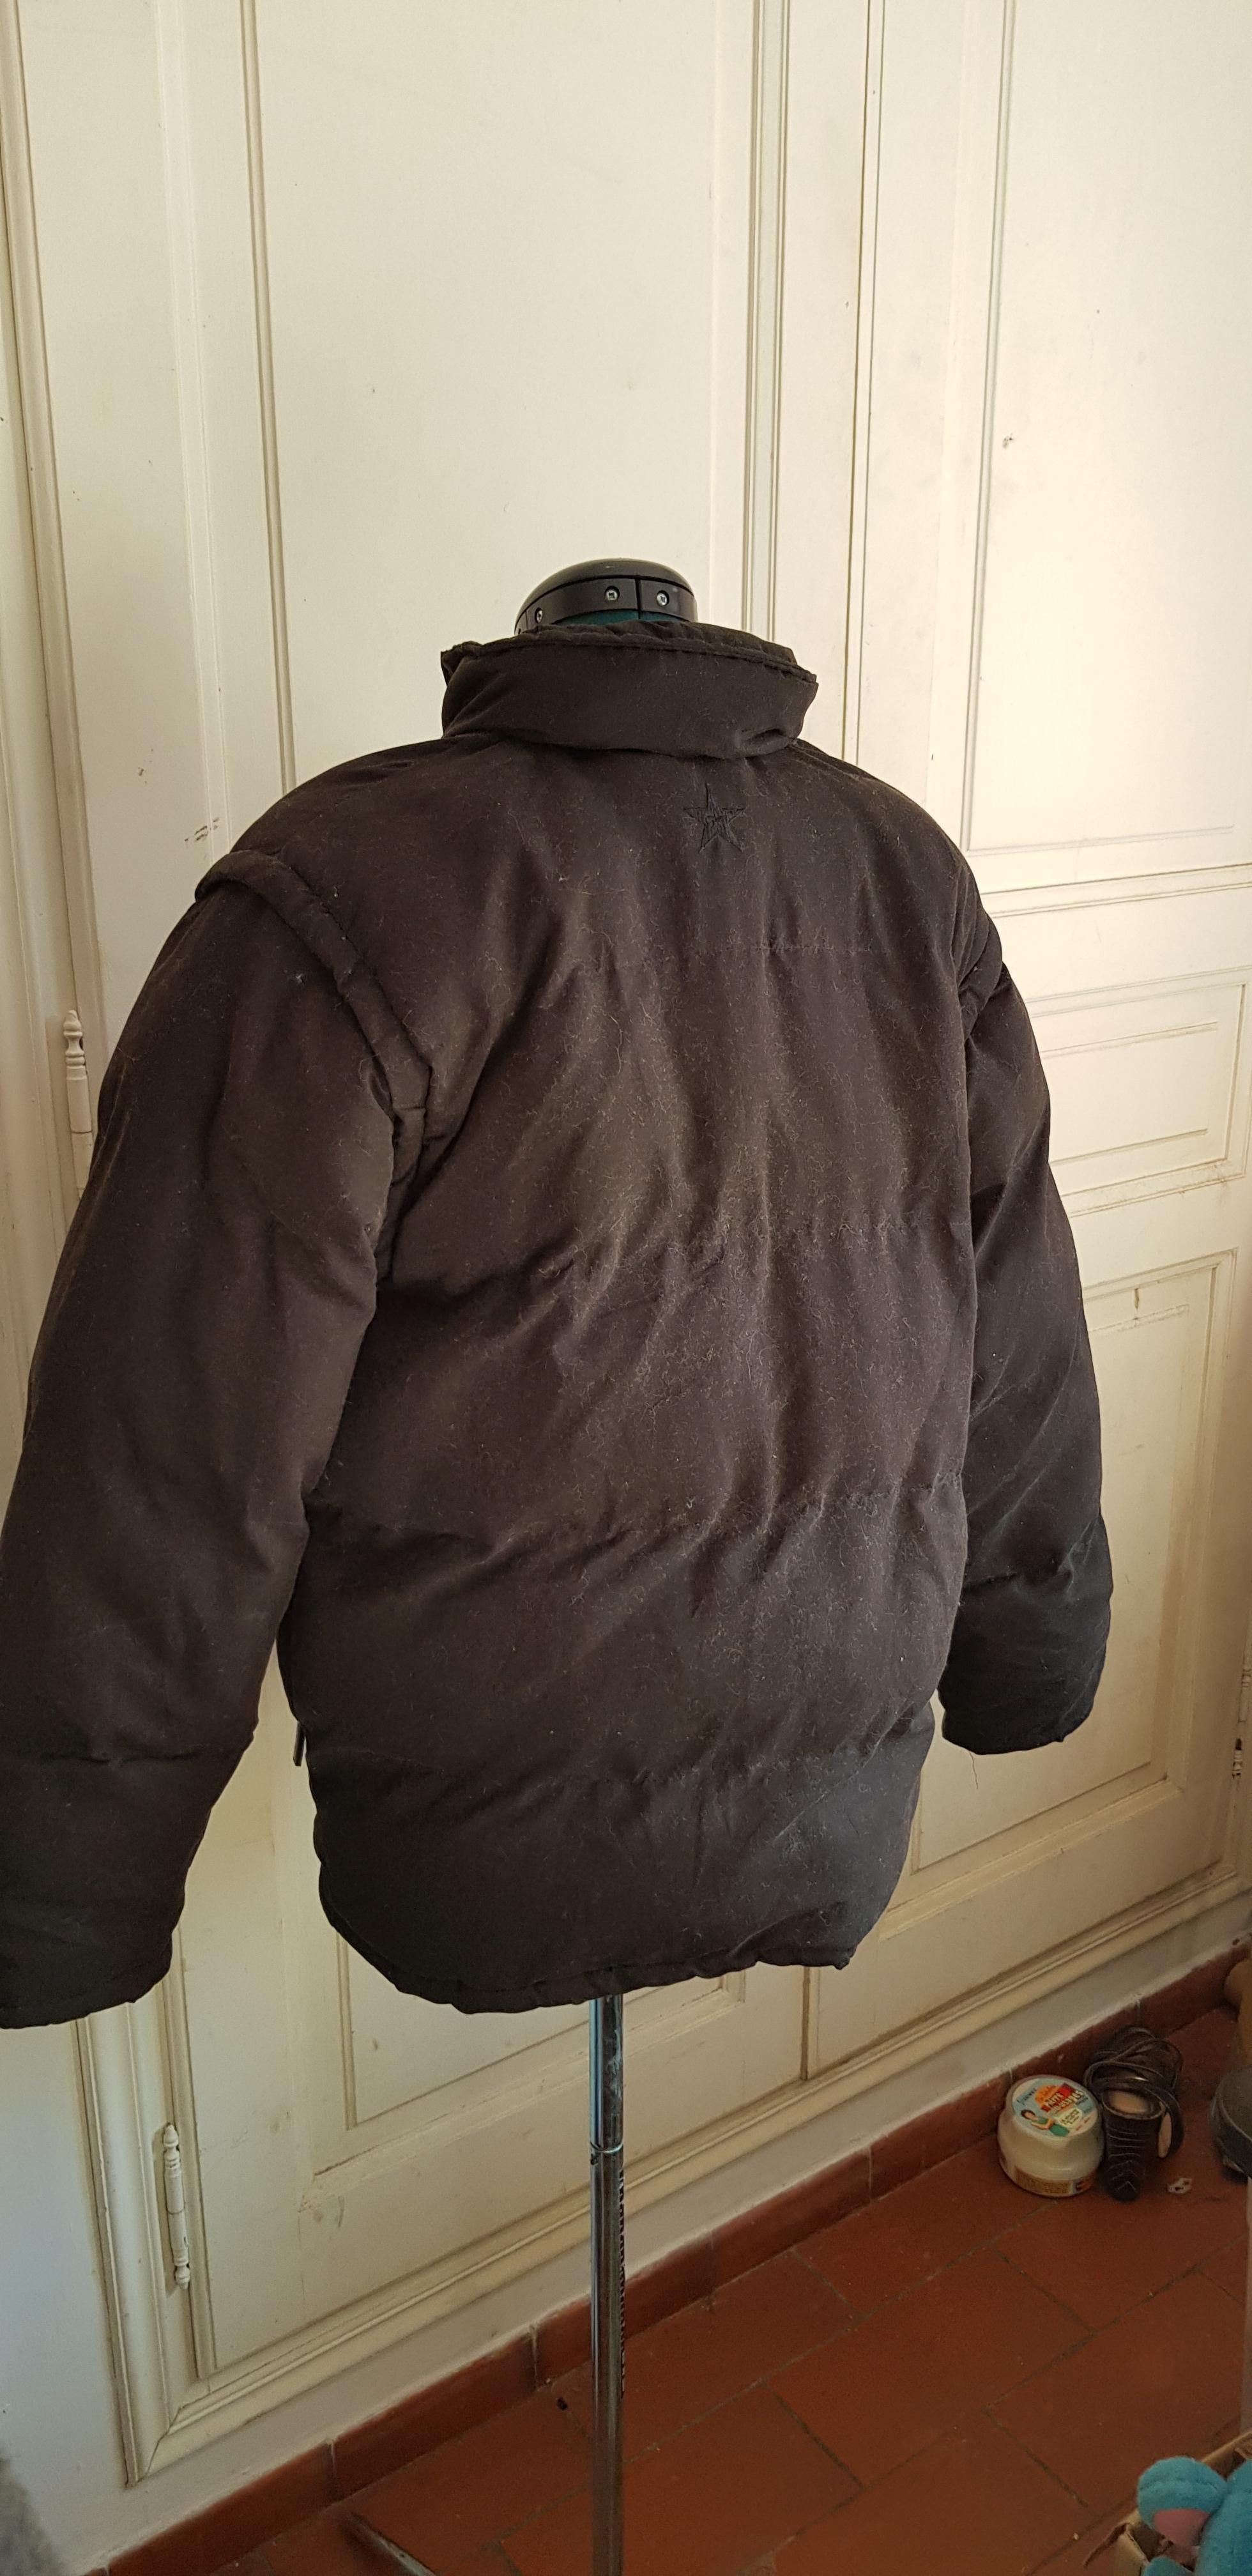 troc de troc veste taille s image 1